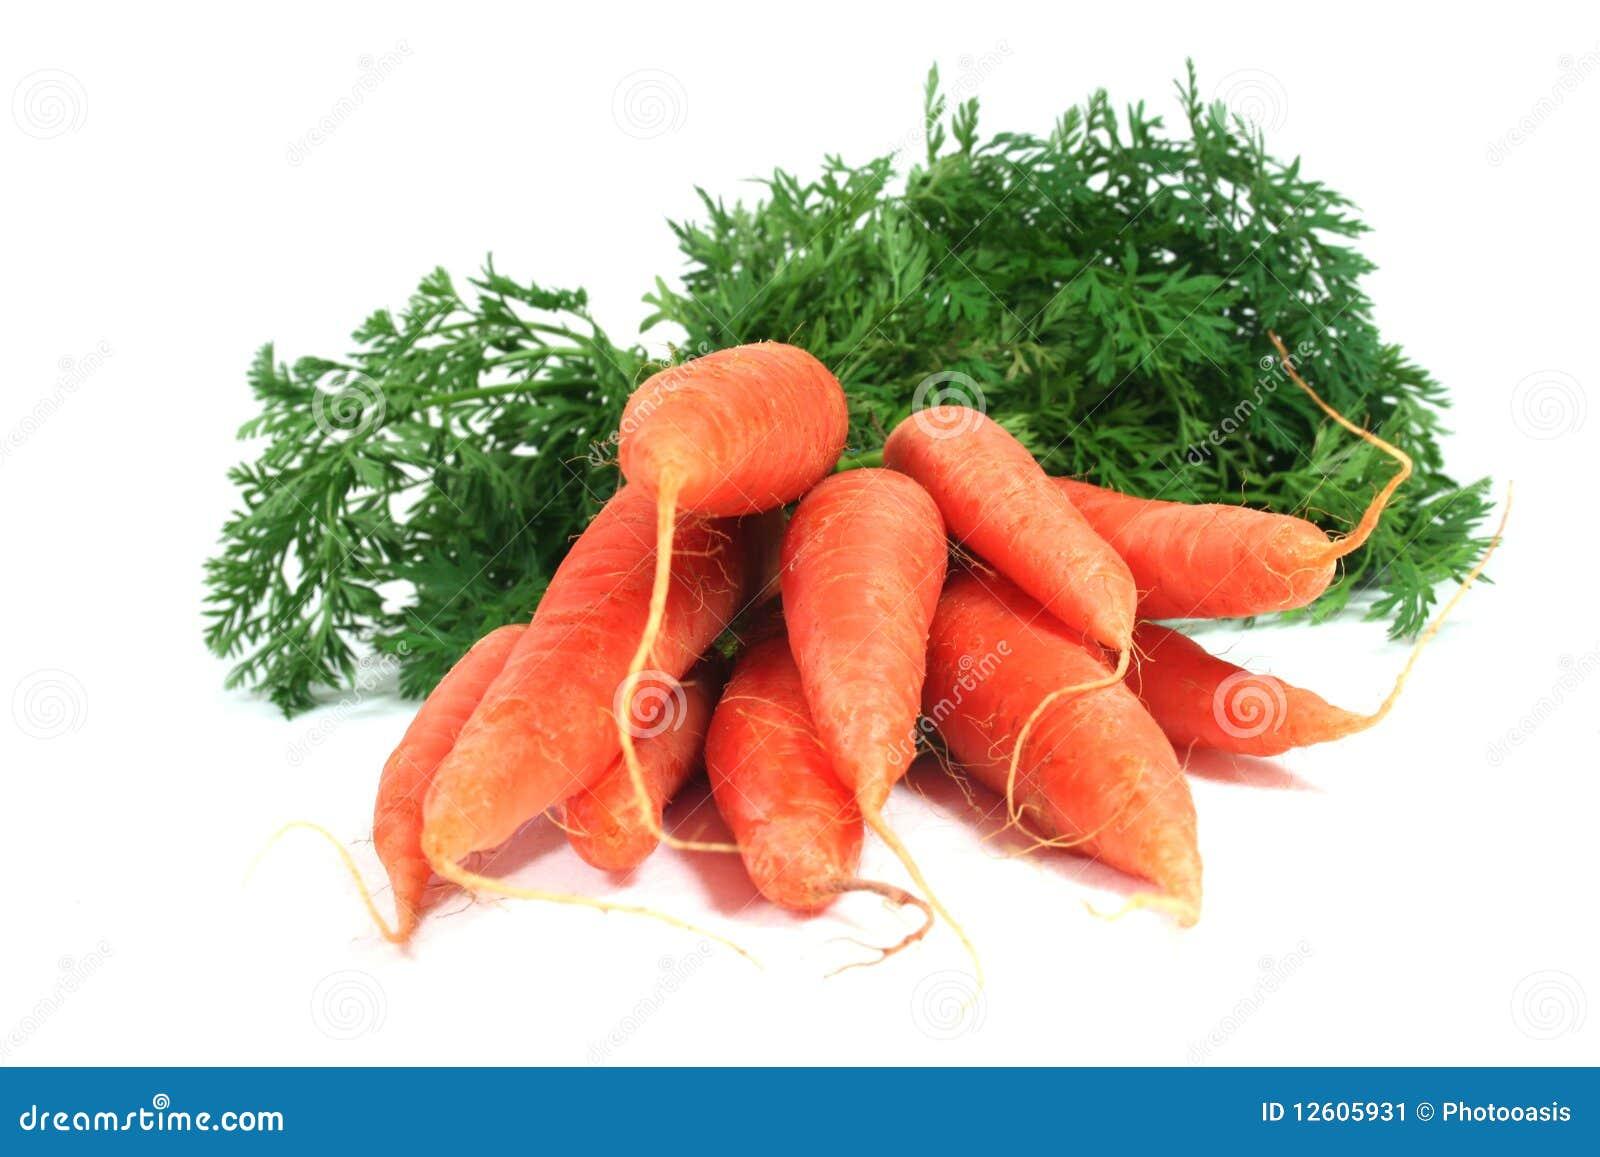 Un mazzo di carote immagine stock immagine di verdure for Costruire un mazzo di portico